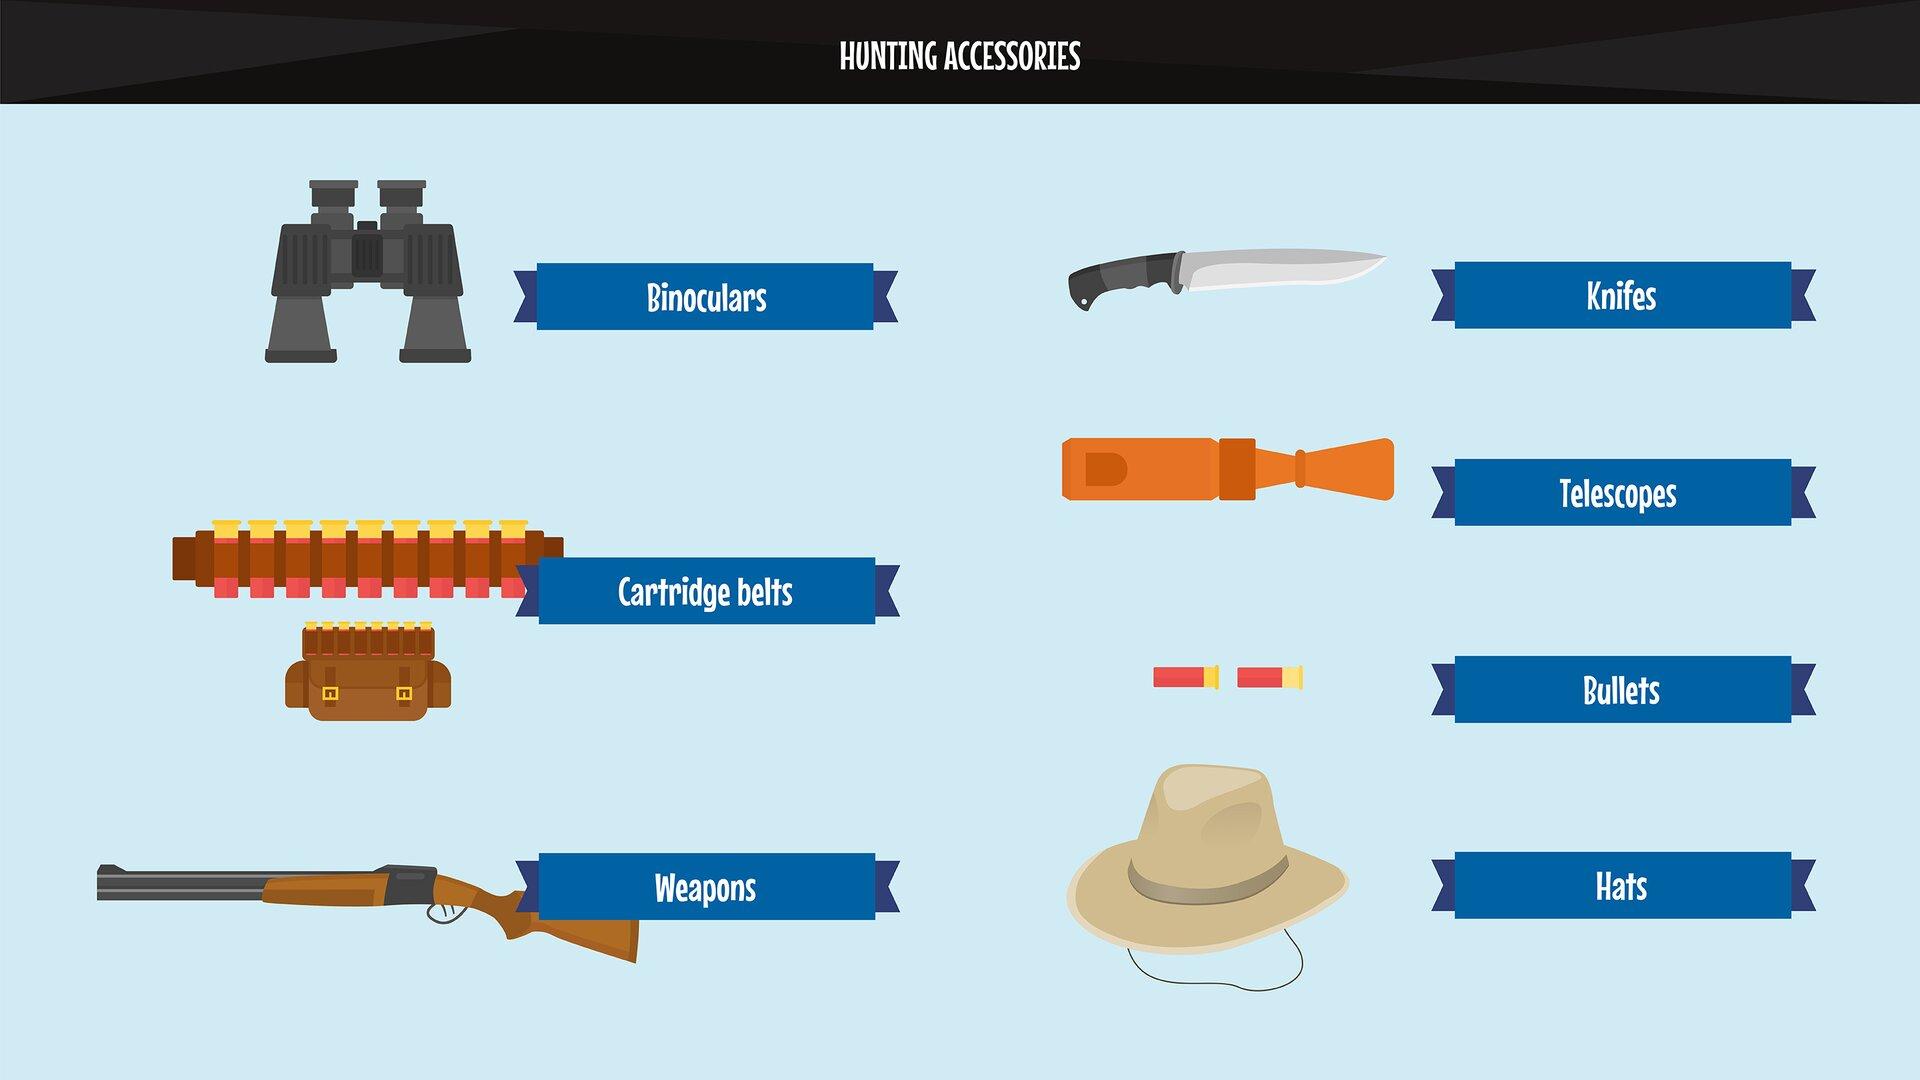 The photo presents hunting accessories, e.g.: weapons, telescopes, binoculars, hats, cartridge belts, bullets, knifes. Zdjęcie pokazuje akcesoria łowieckie. Są to między innymi: broń, luneta, lornetka, kapelusz, ładownica, naboje, nóż.